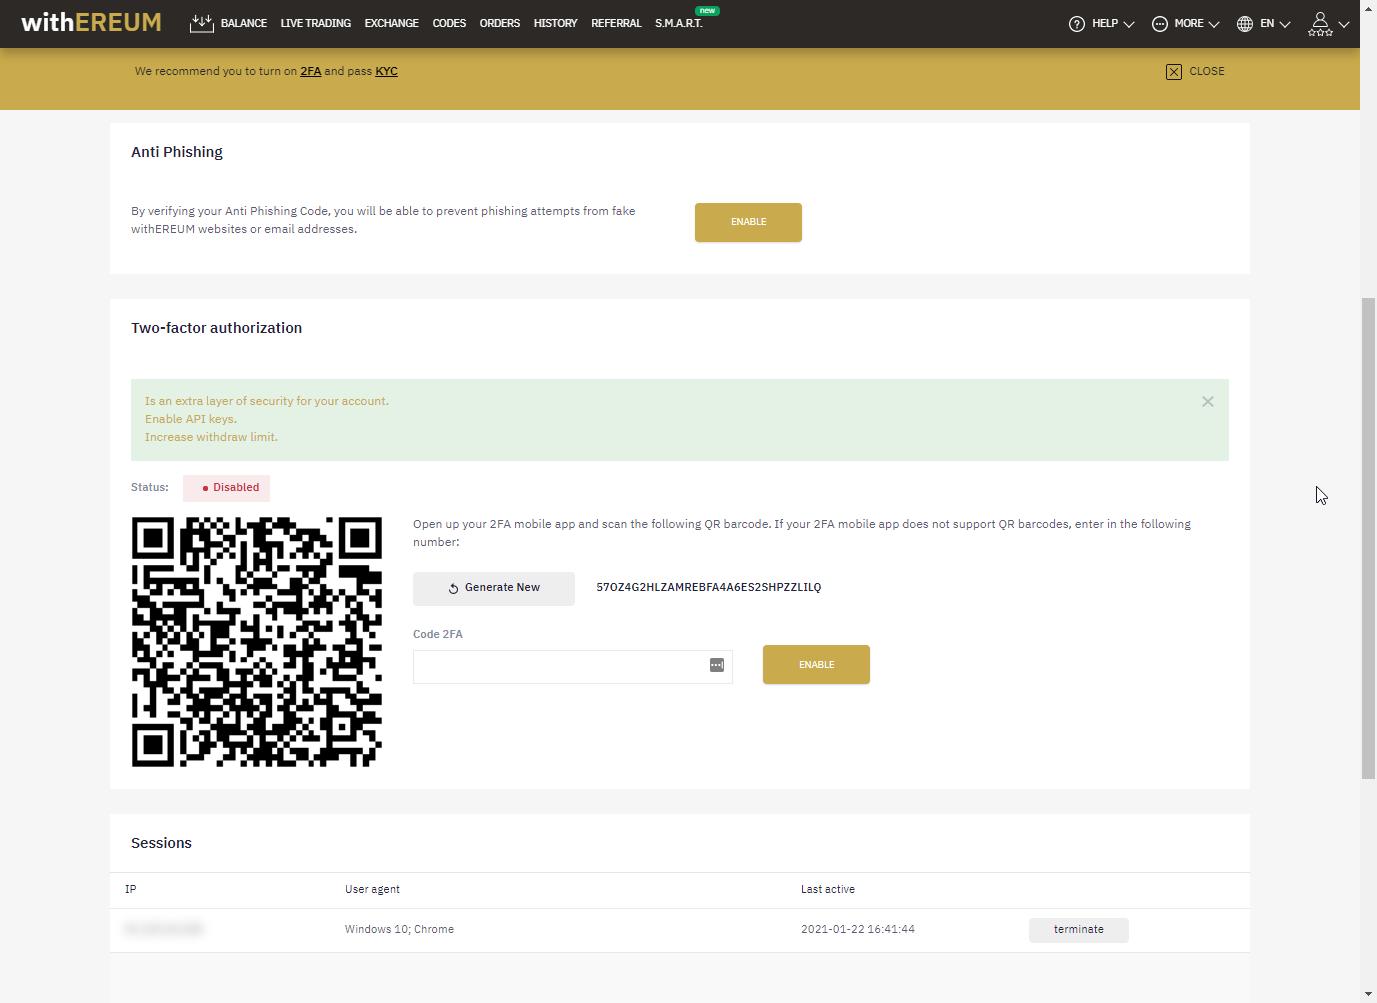 Мошеннический сайт предлагает включить двухфакторную аутентификацию и защиту от фишинга